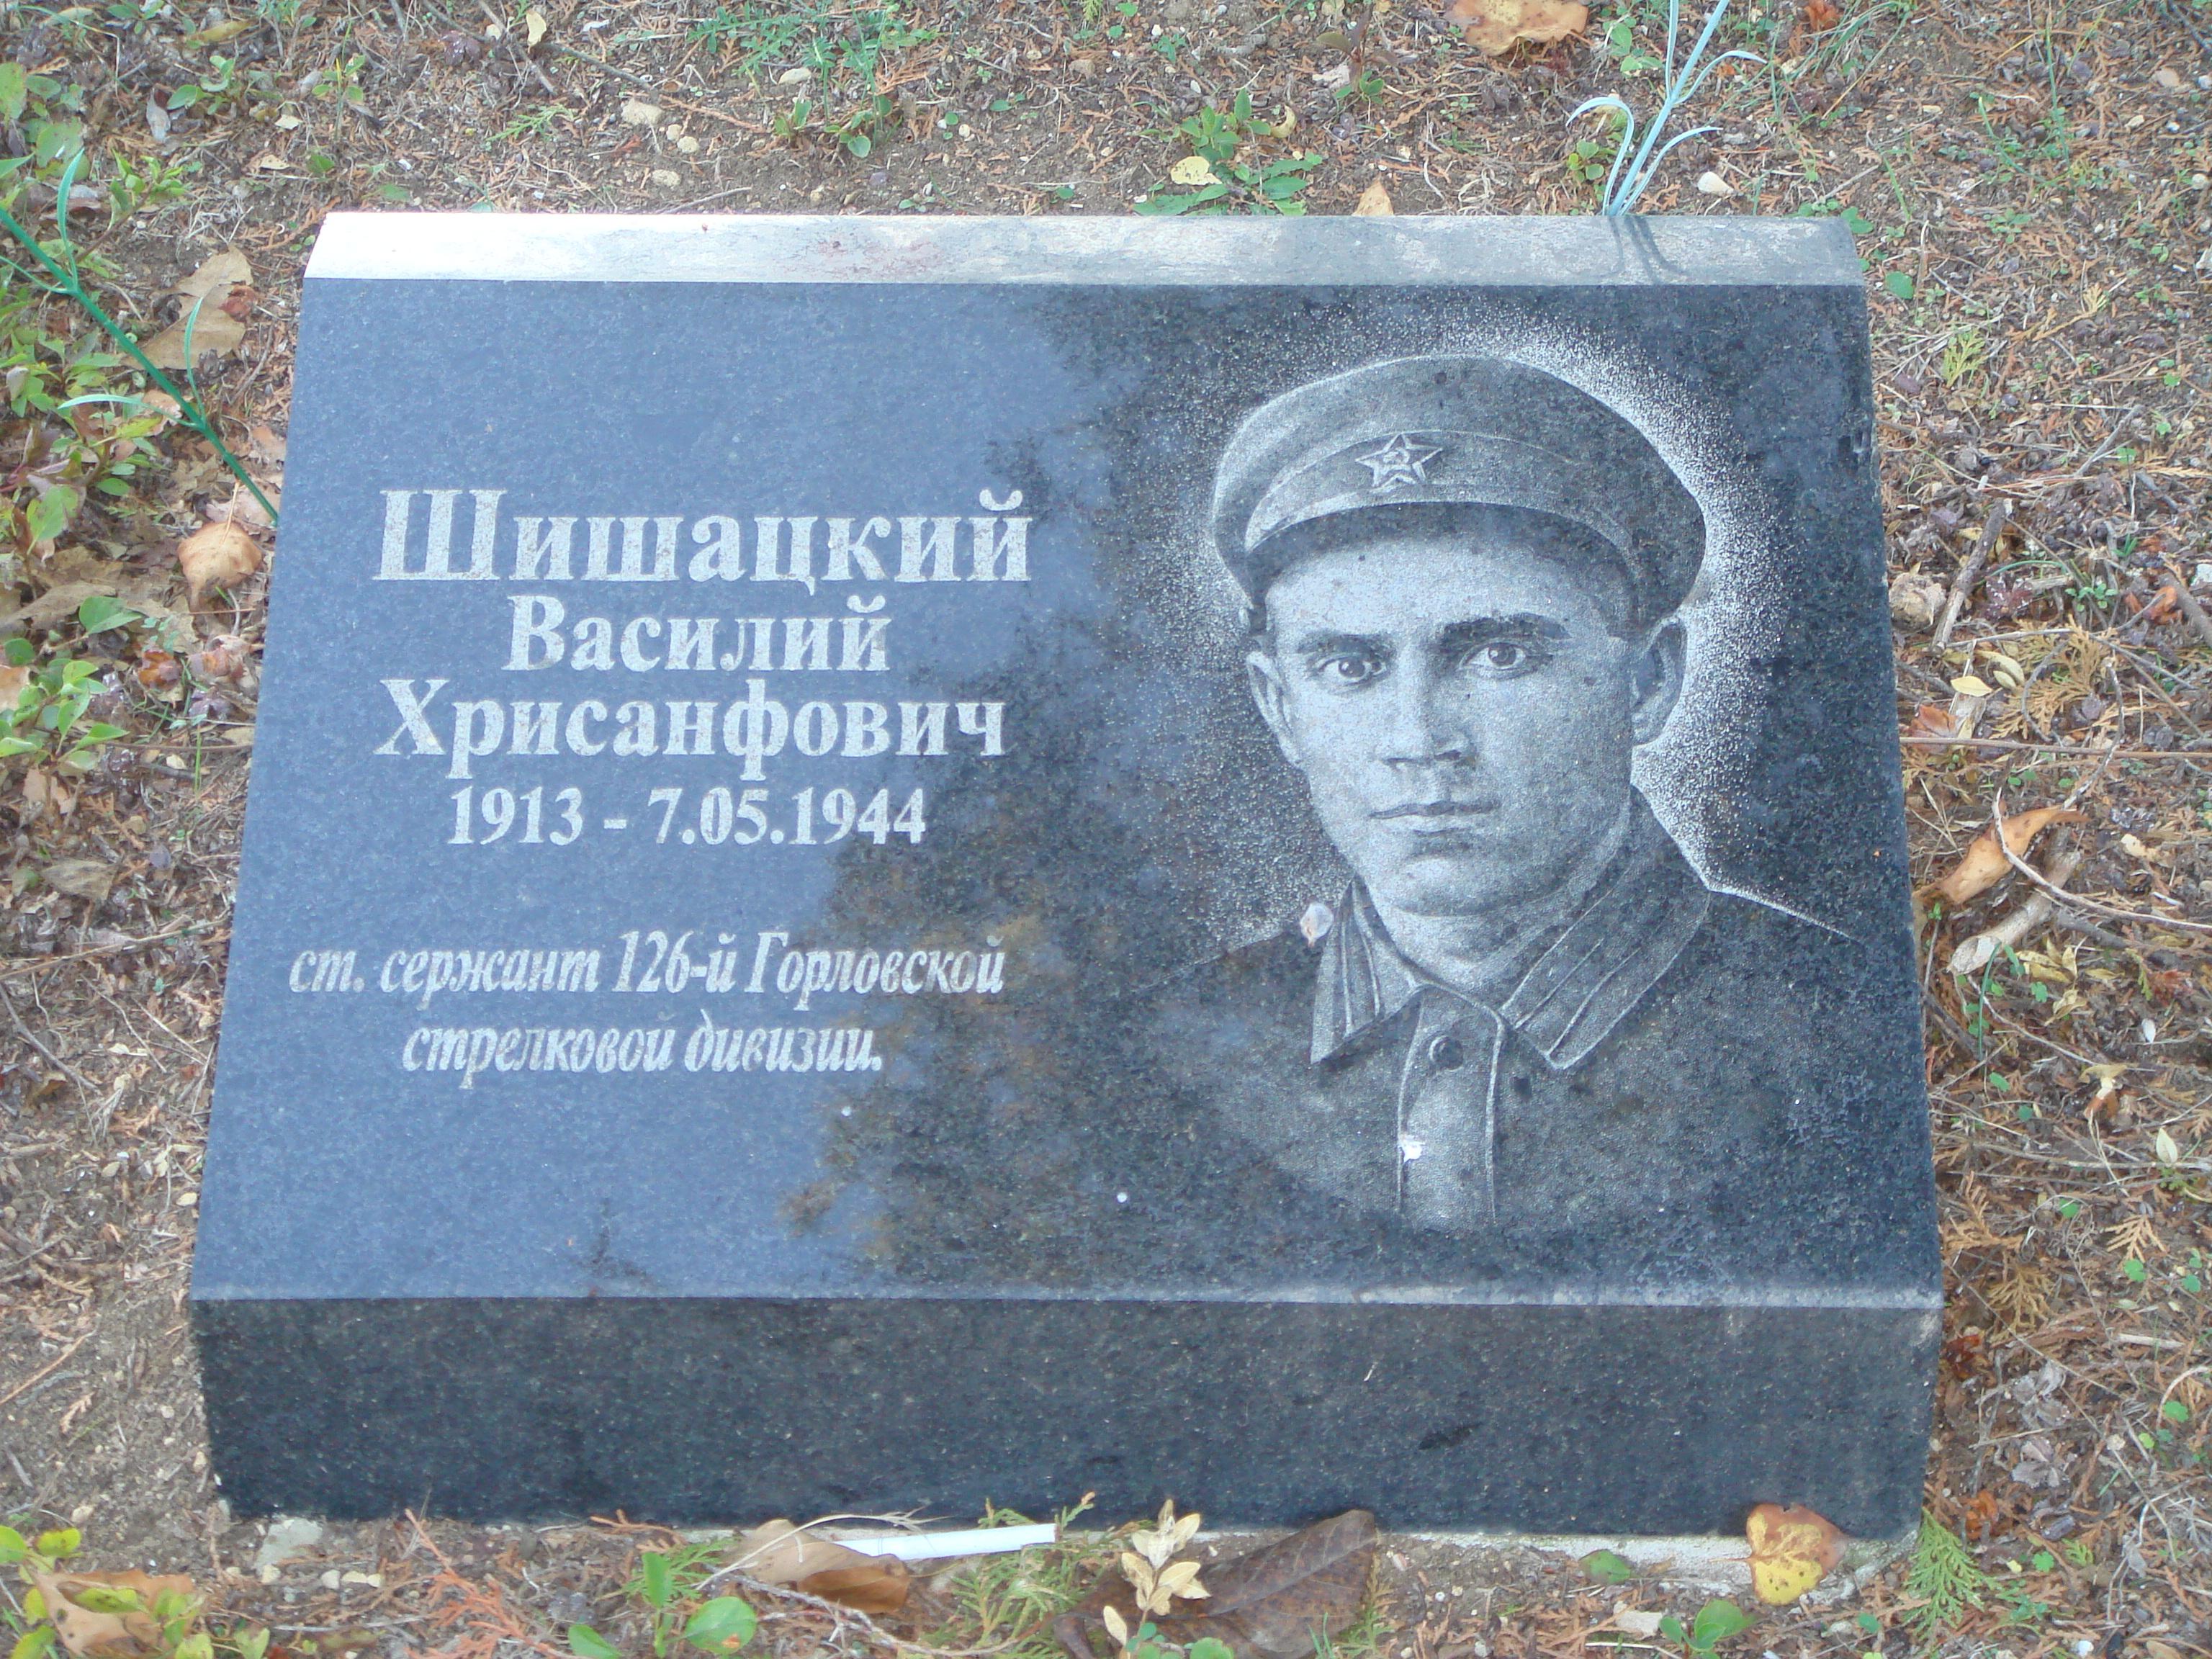 Шишацкий Василий Христофорович, ст. сержант 126 СД, 1913-1944